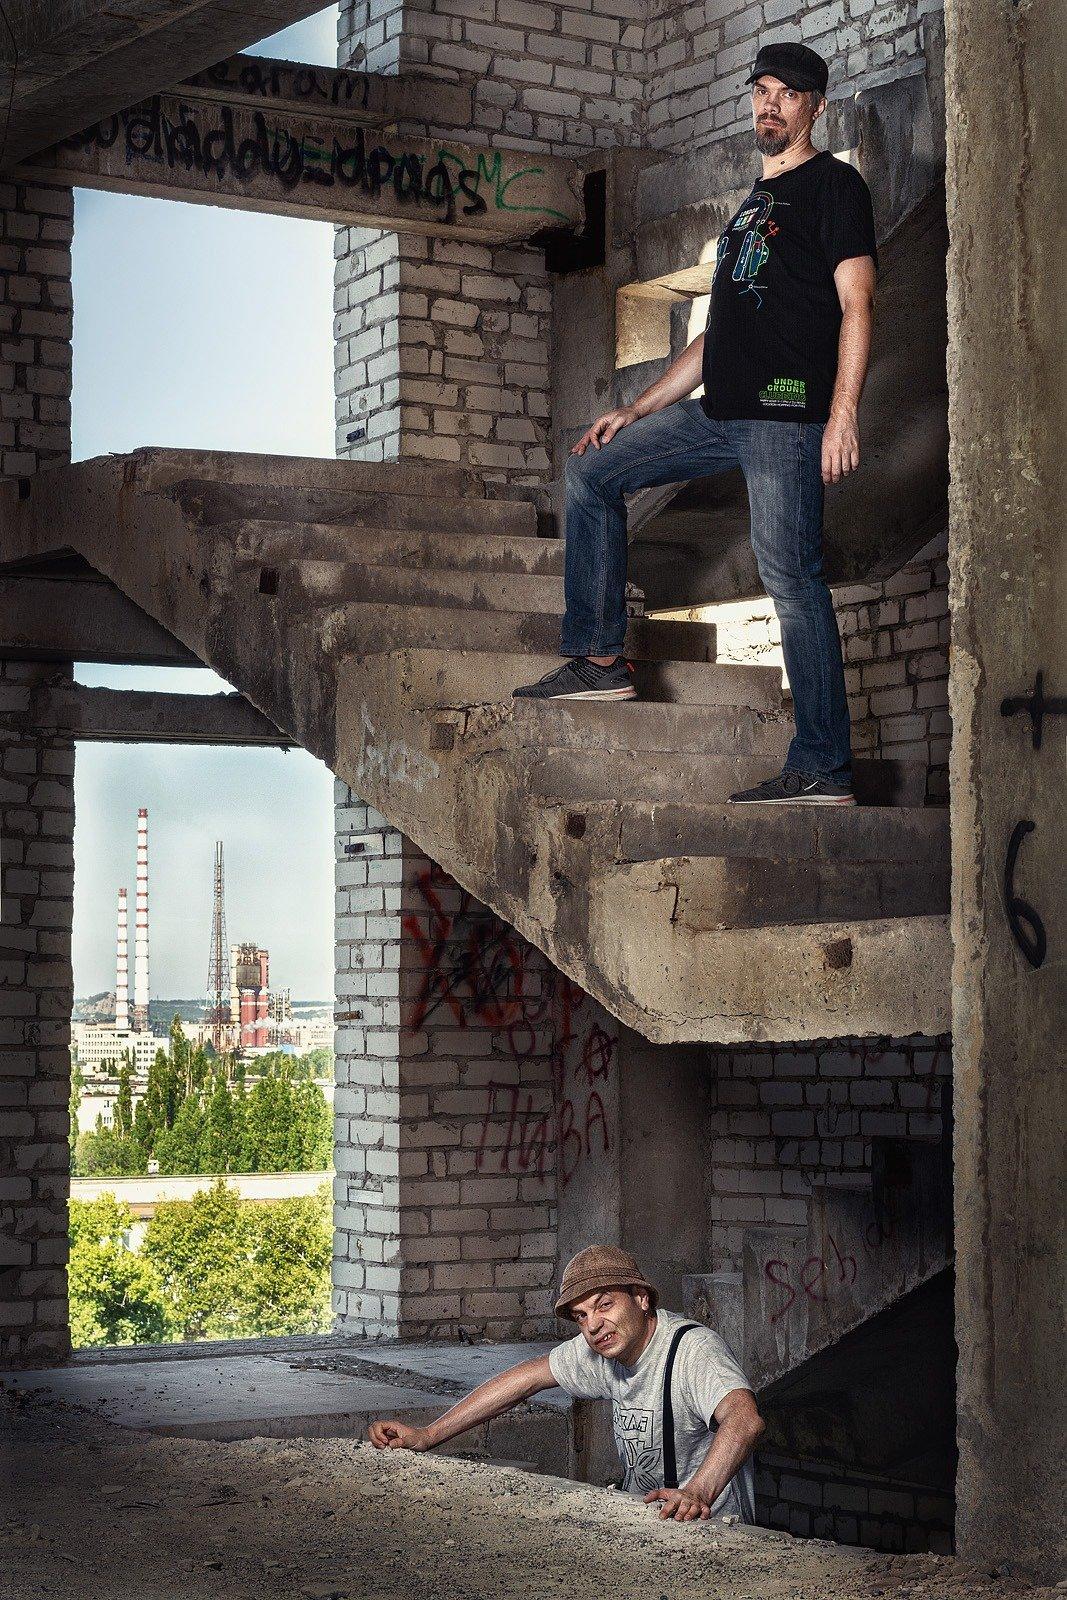 «Менделеев ошибался» - глоток музыкального «неформата» на просторах Северодонецка, фото-13